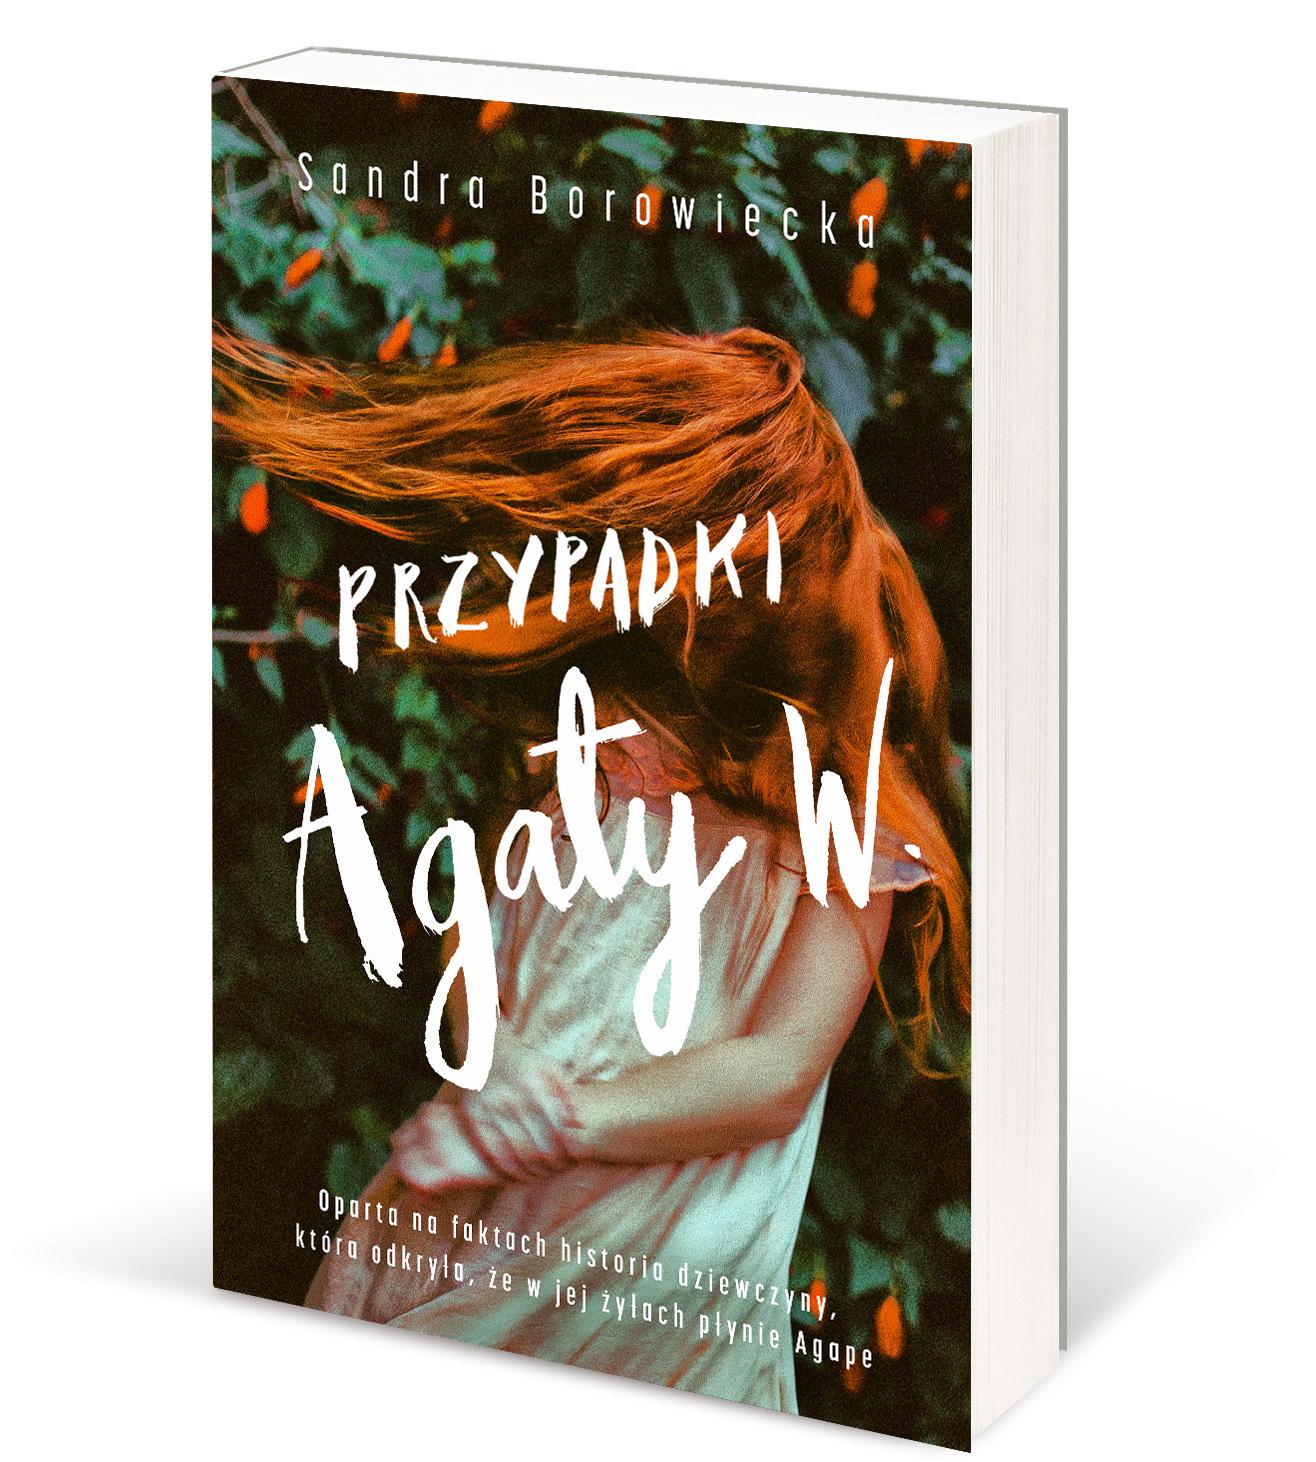 Premiera nowej książki Sandry Borowieckiej już w styczniu 2018r. Ebook jest już dostępny